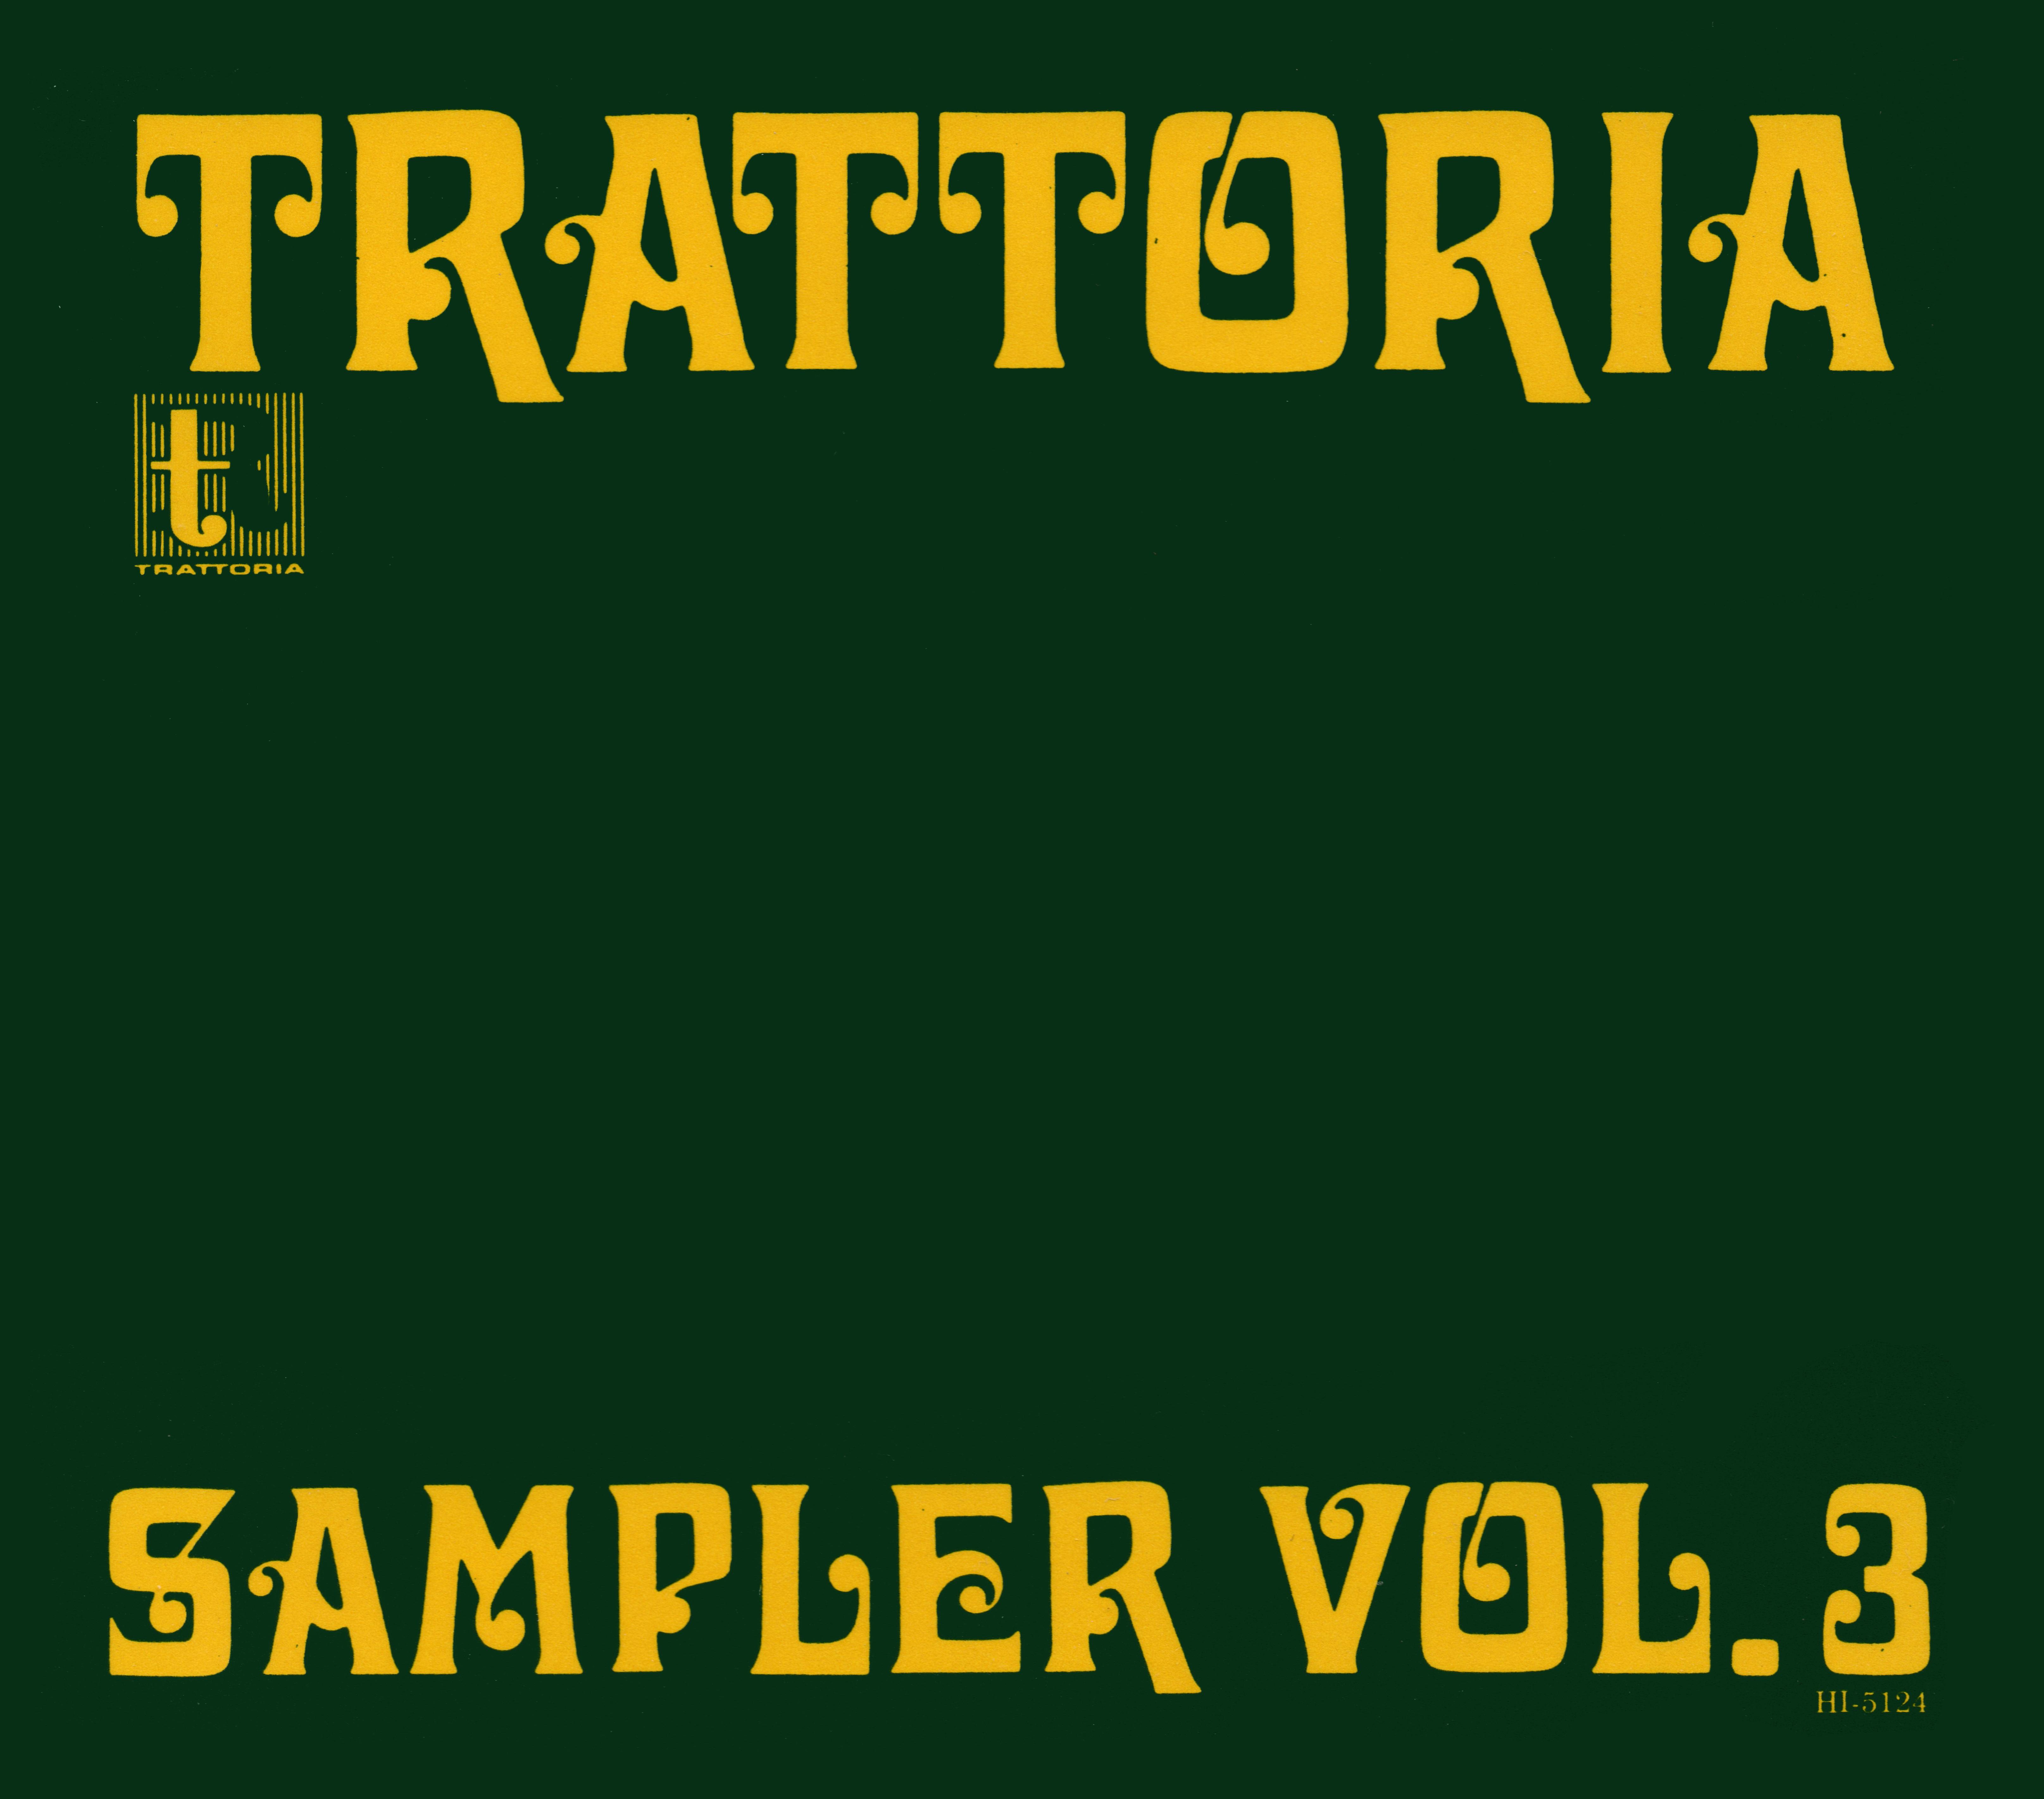 非売品プロモ盤オムニバスCD『TRATTORIA SAMPLER VOL.3』1994年高画質CDジャケット画像